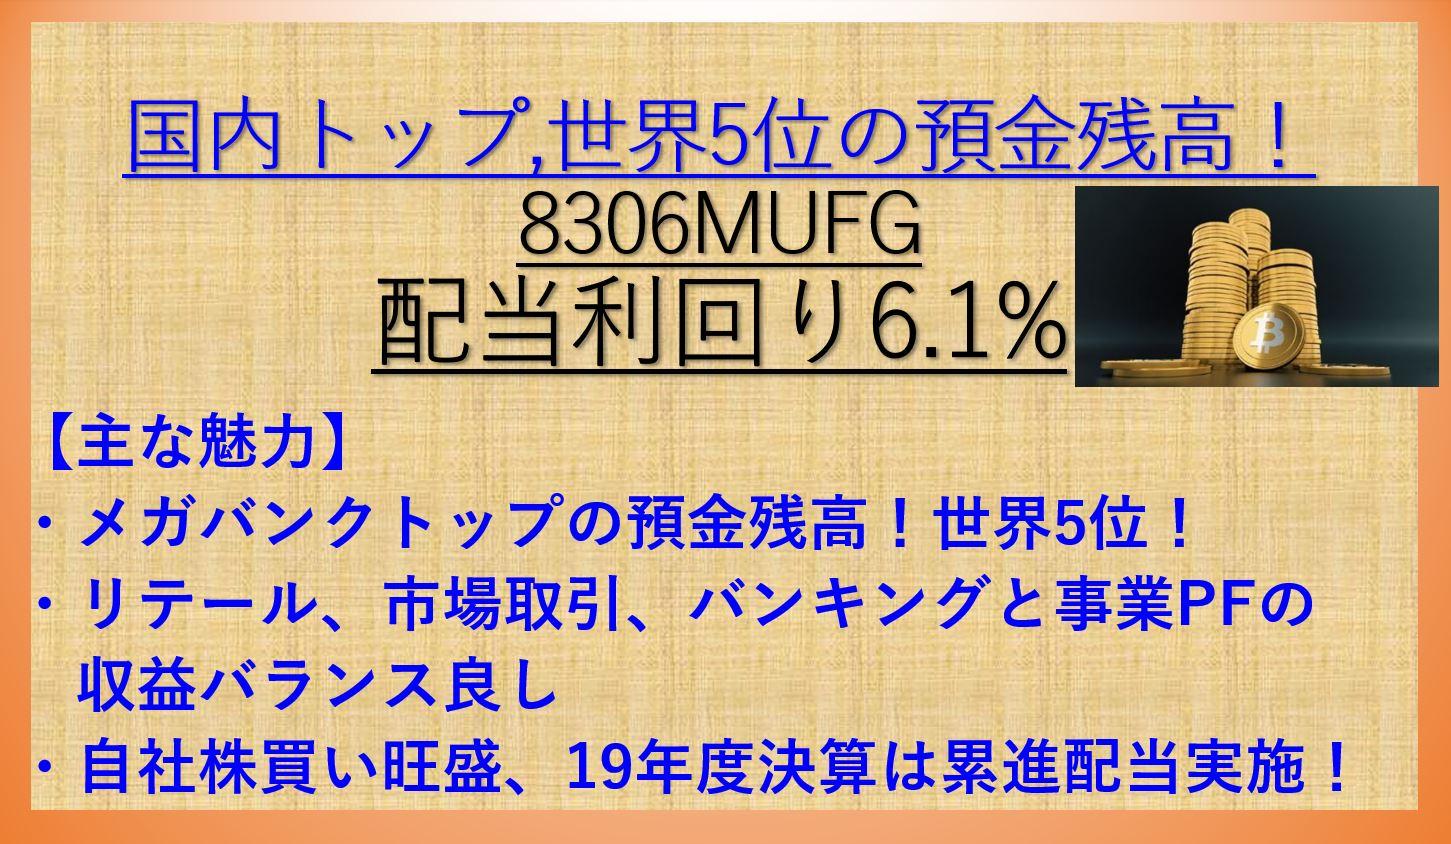 8306三菱UFJフィナンシャルグループ